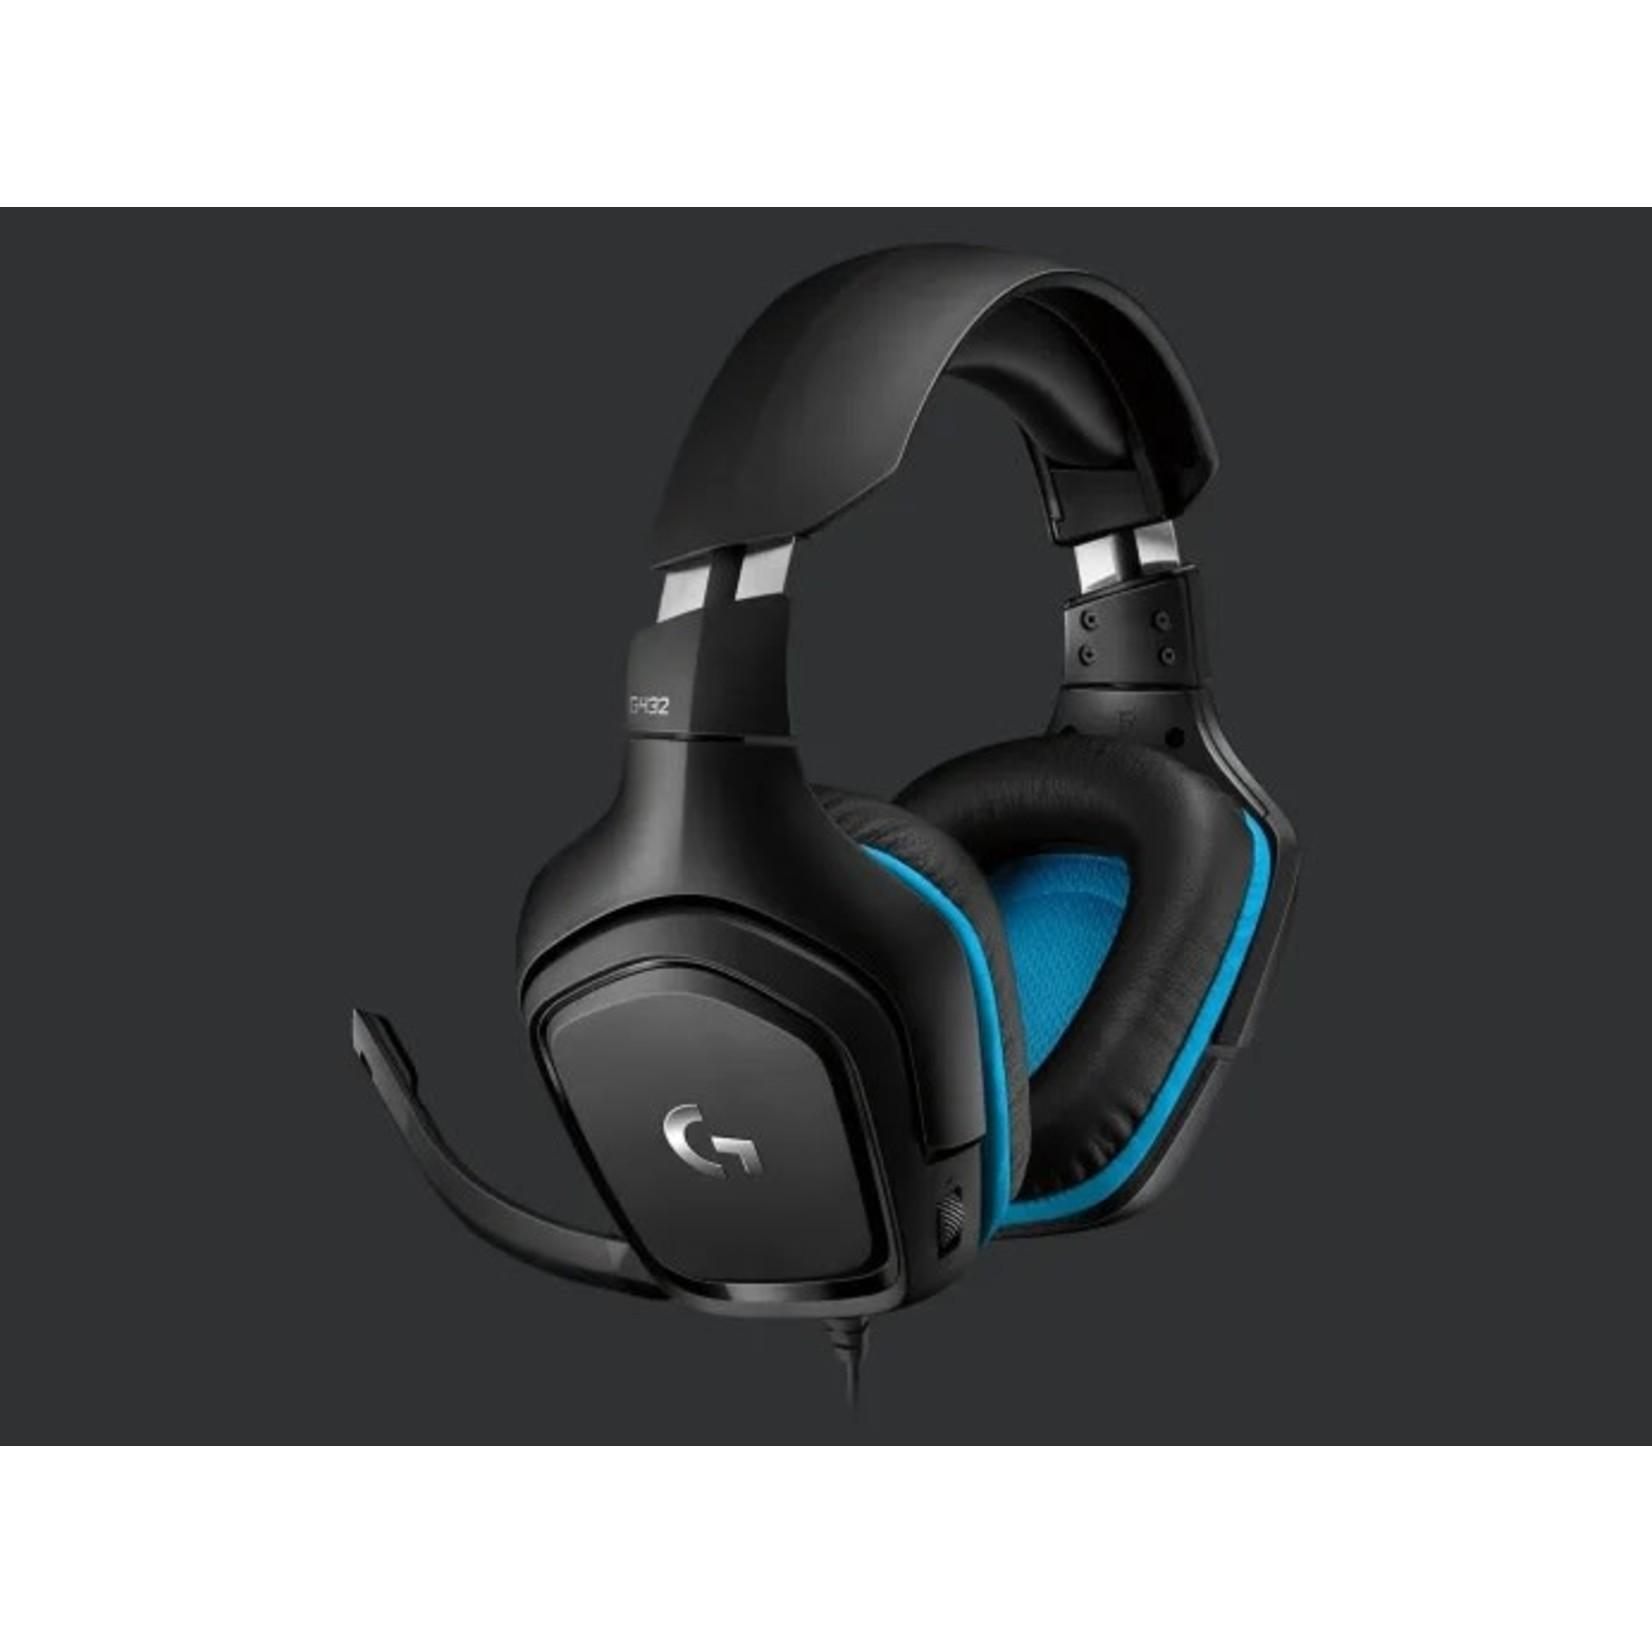 Logitech Logitech G432 7.1 Wired Surround Sound Headset